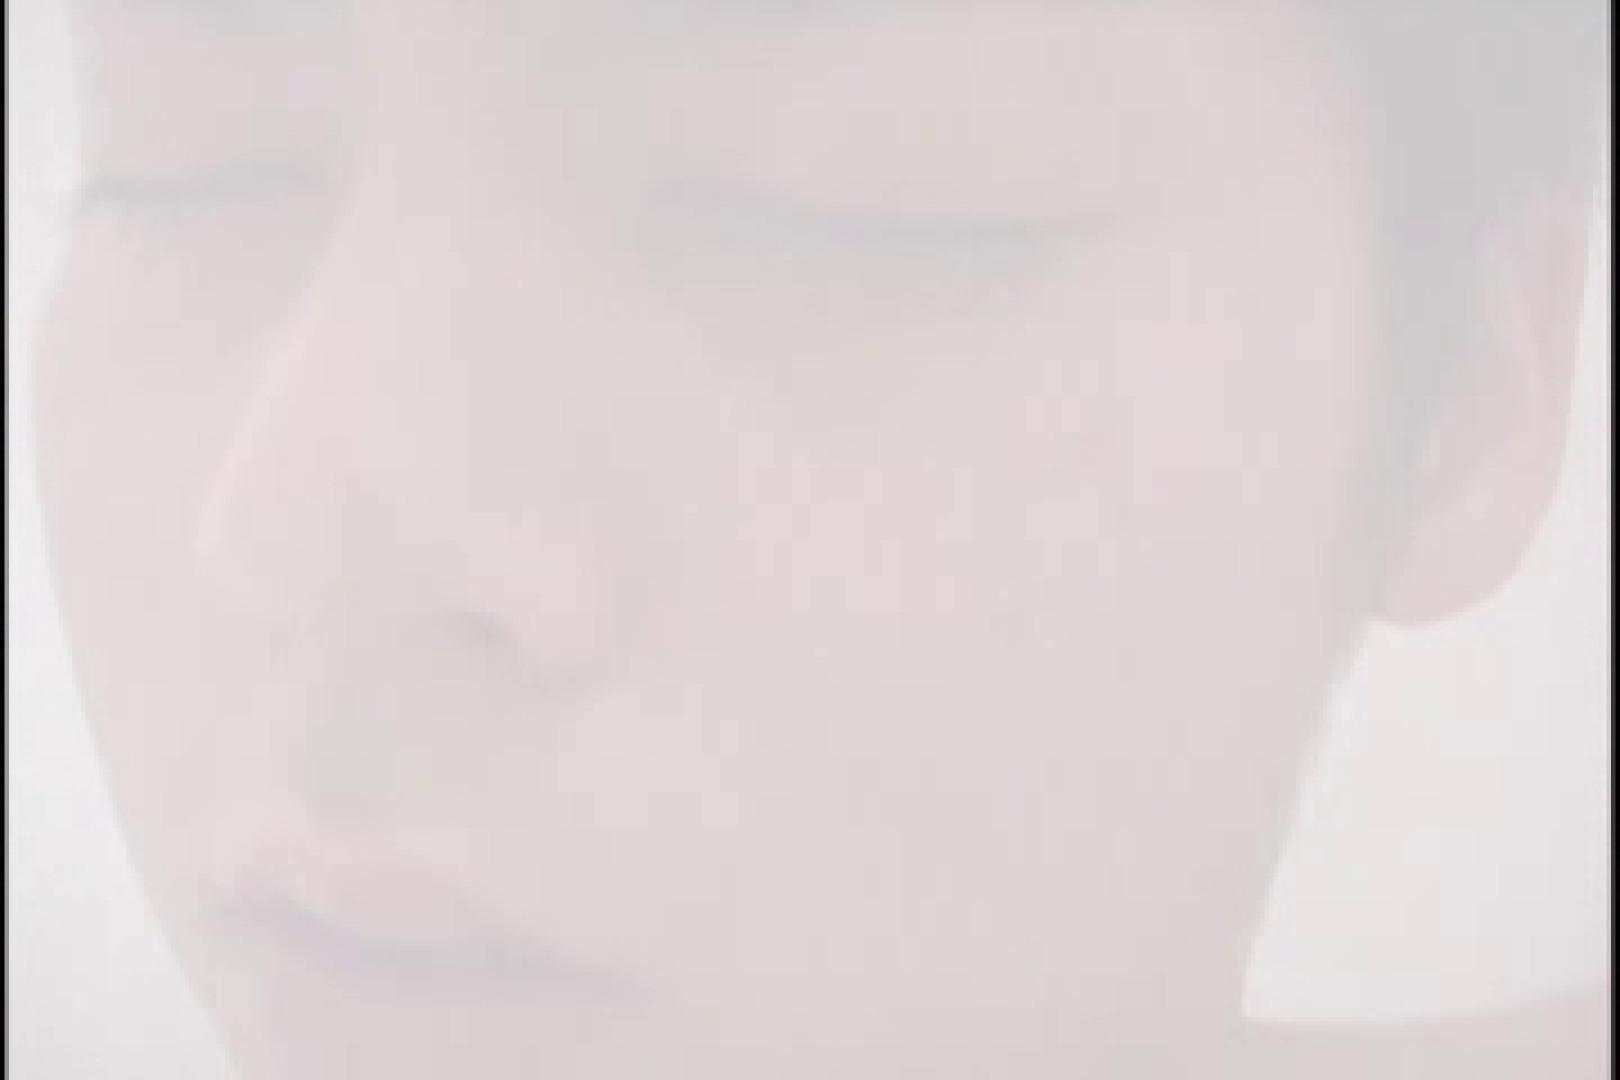 大集合!!カッコ可愛いメンズの一穴入根!! vol.17 男まつり ゲイアダルトビデオ画像 96枚 6